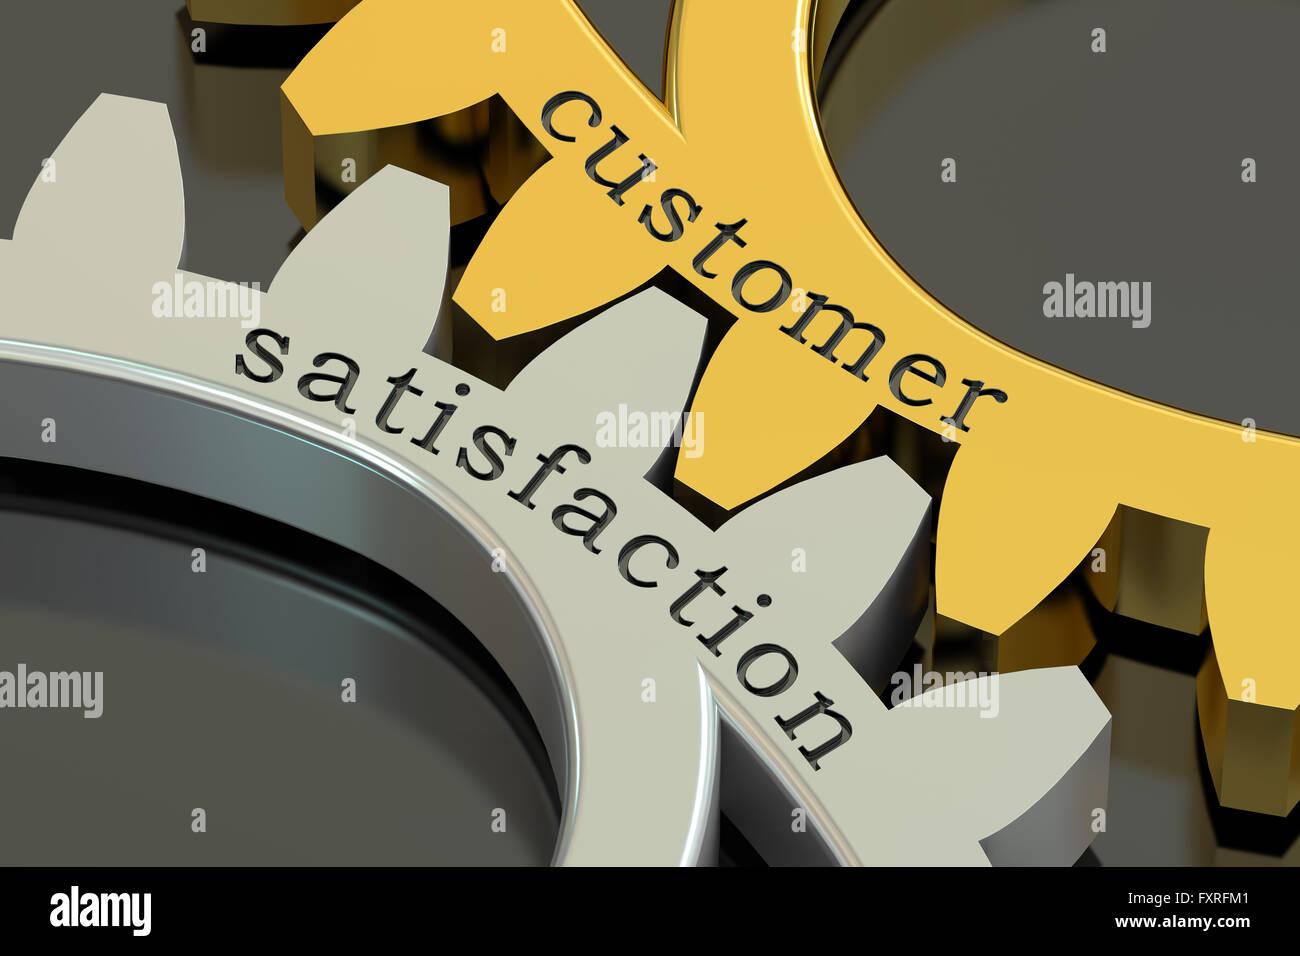 Concept de la satisfaction client sur les roues dentées, rendu 3D Photo Stock